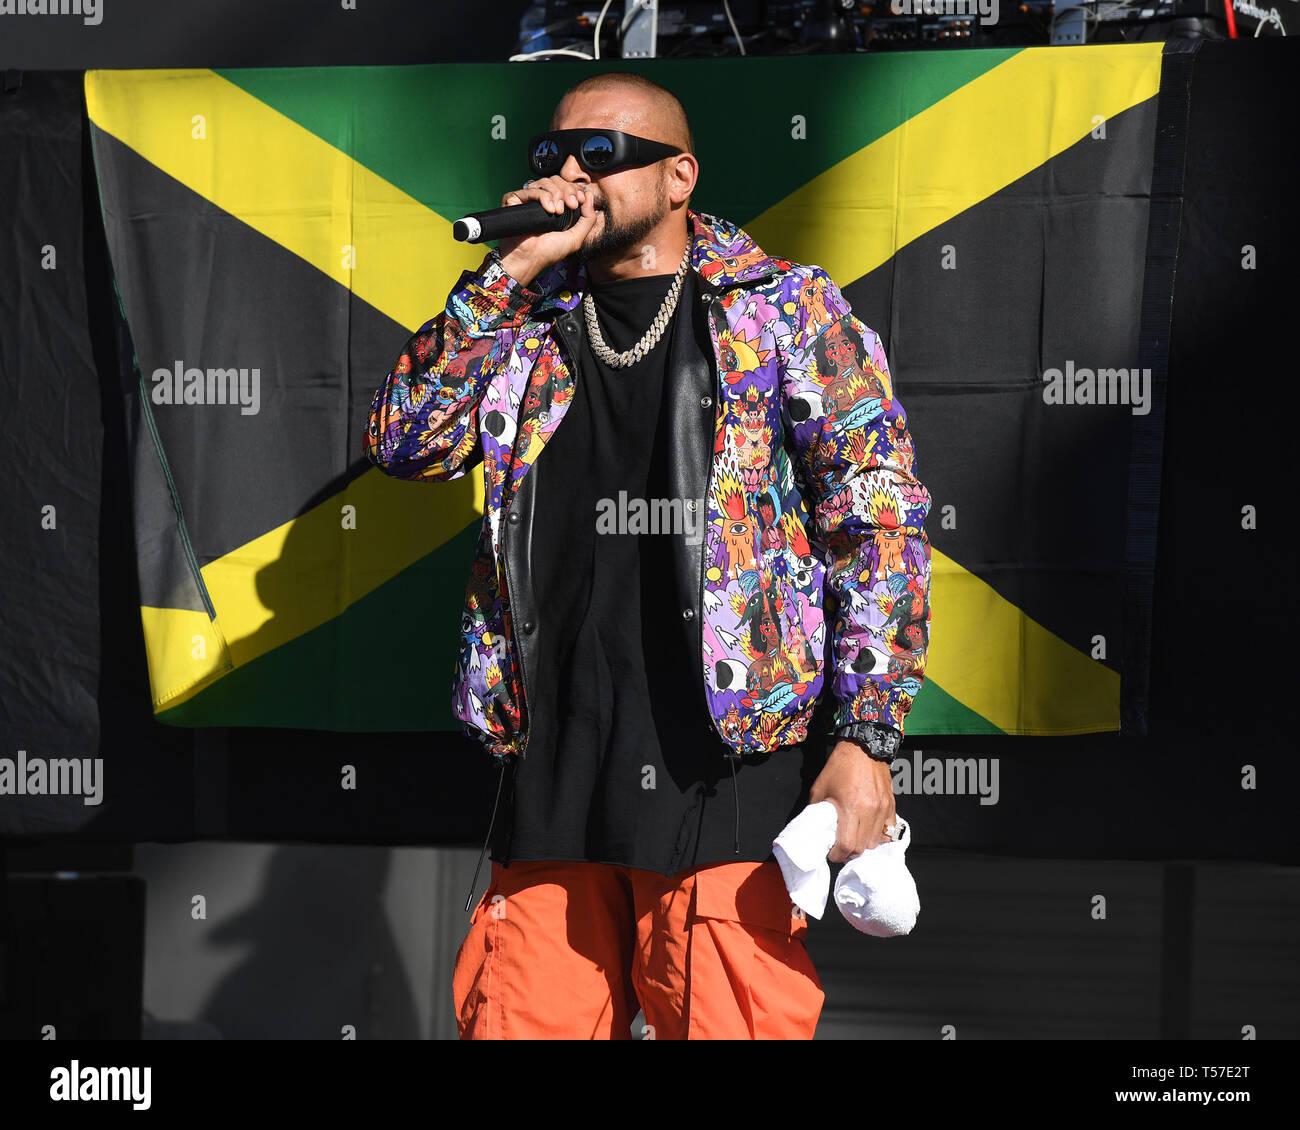 Miami FL, USA  20th Apr, 2019  Sean Paul performs during the